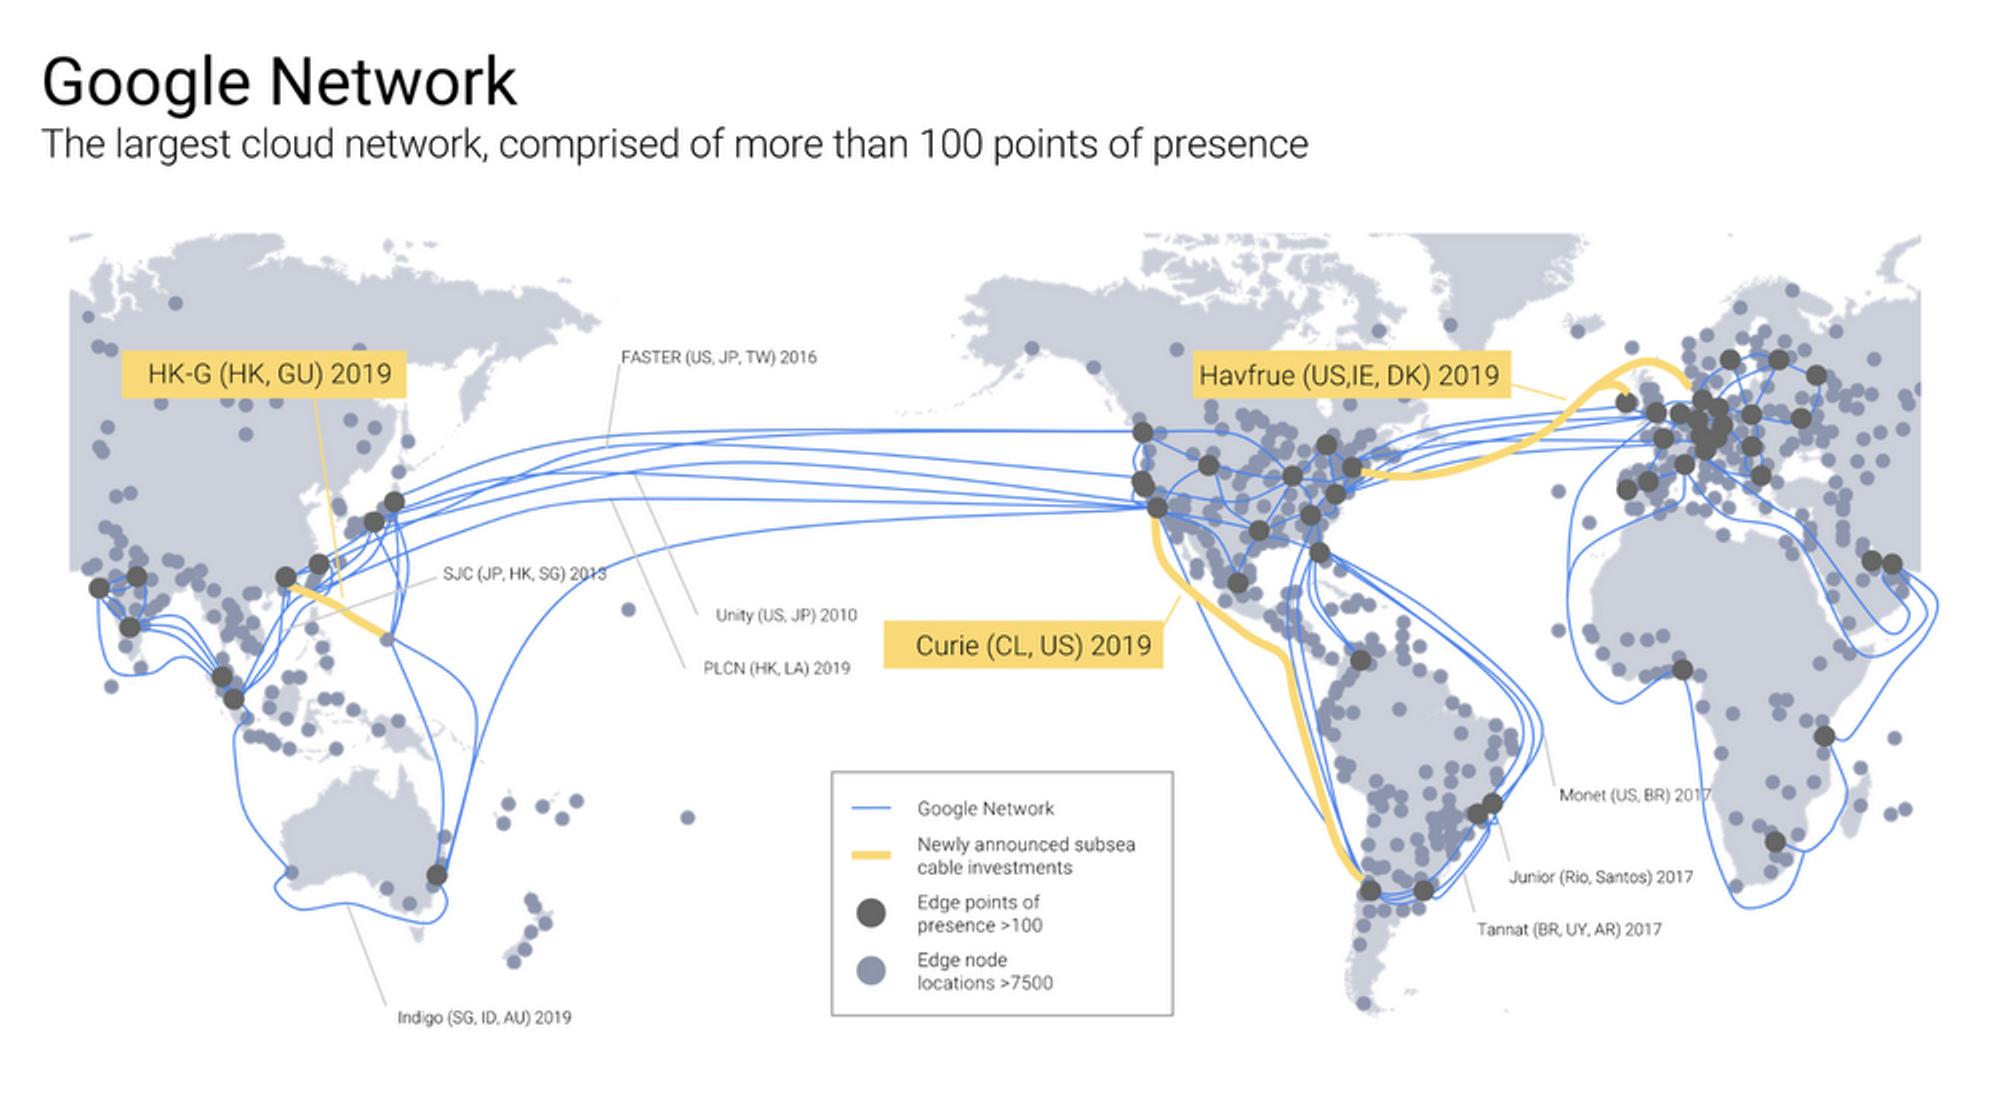 Googles nettskyinfrastruktur ved begynnelsen av 2018, inkludert tre sjøkabler som skal tas i bruk i 2019.